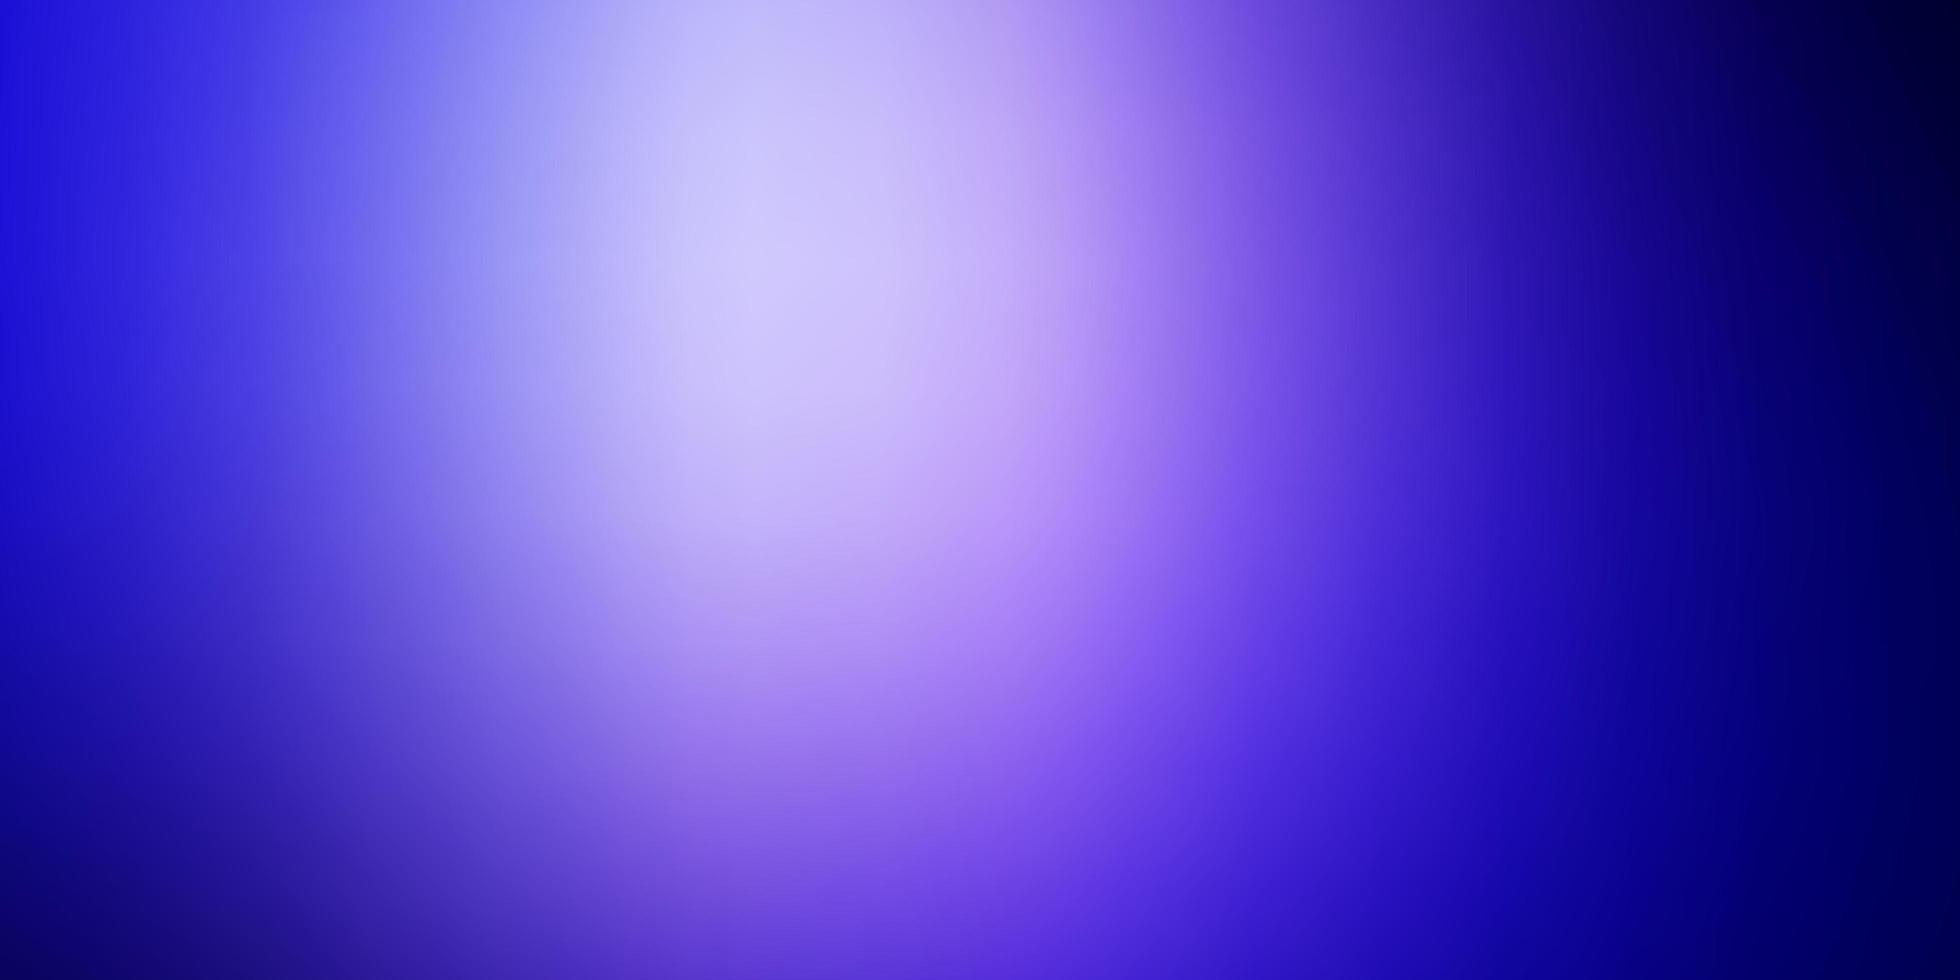 luz roxa abstrato do vetor fundo desfocado.